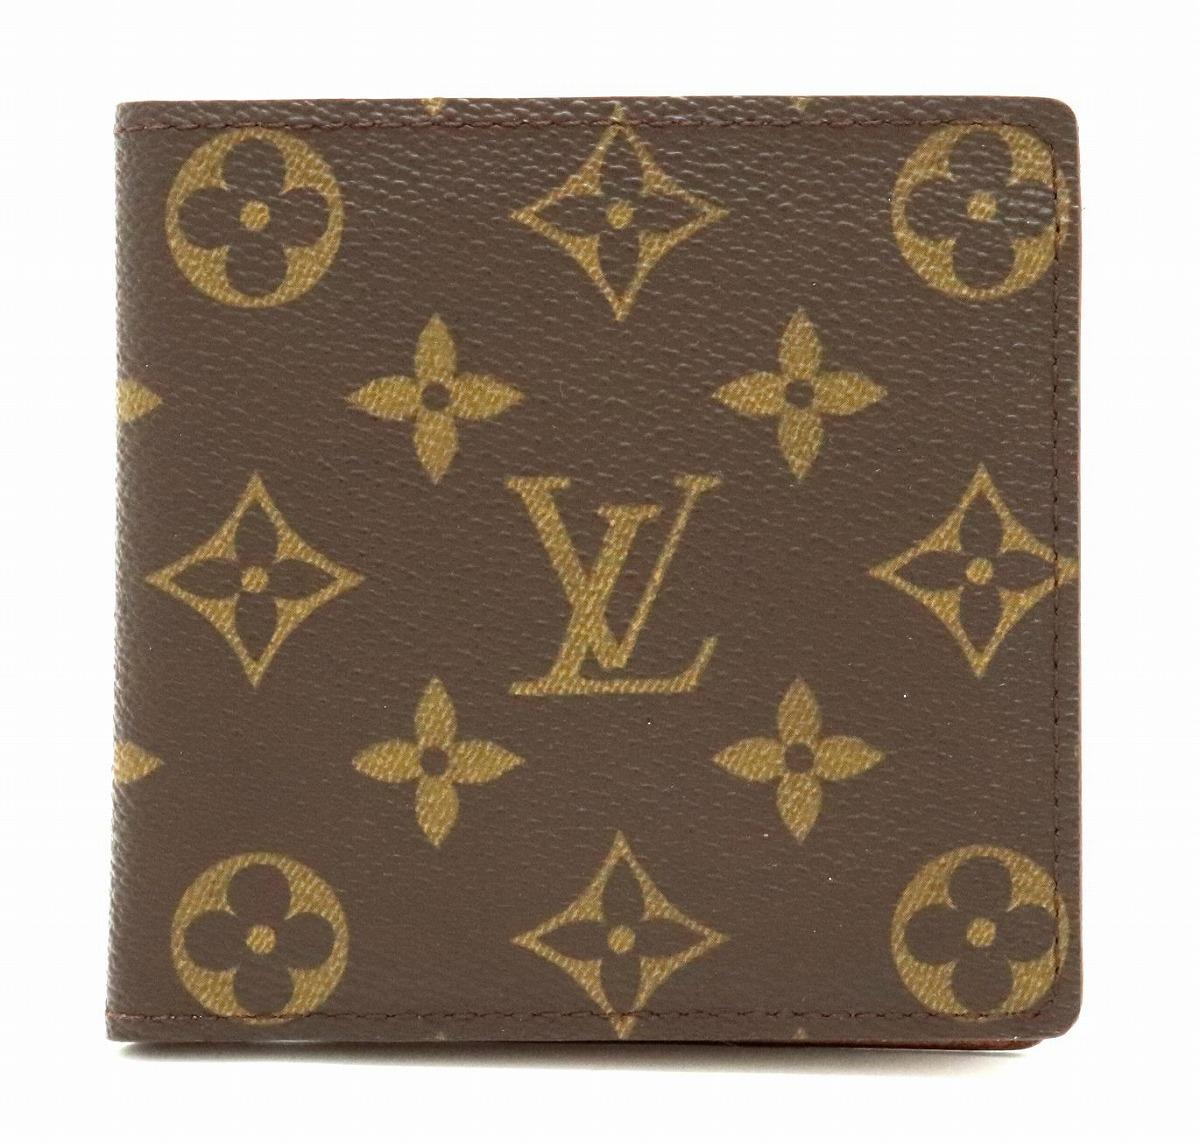 【財布】LOUIS VUITTON ルイ ヴィトン モノグラム ポルト ビエ カルト クレディ モネ 2つ折財布 M61665 【中古】【s】